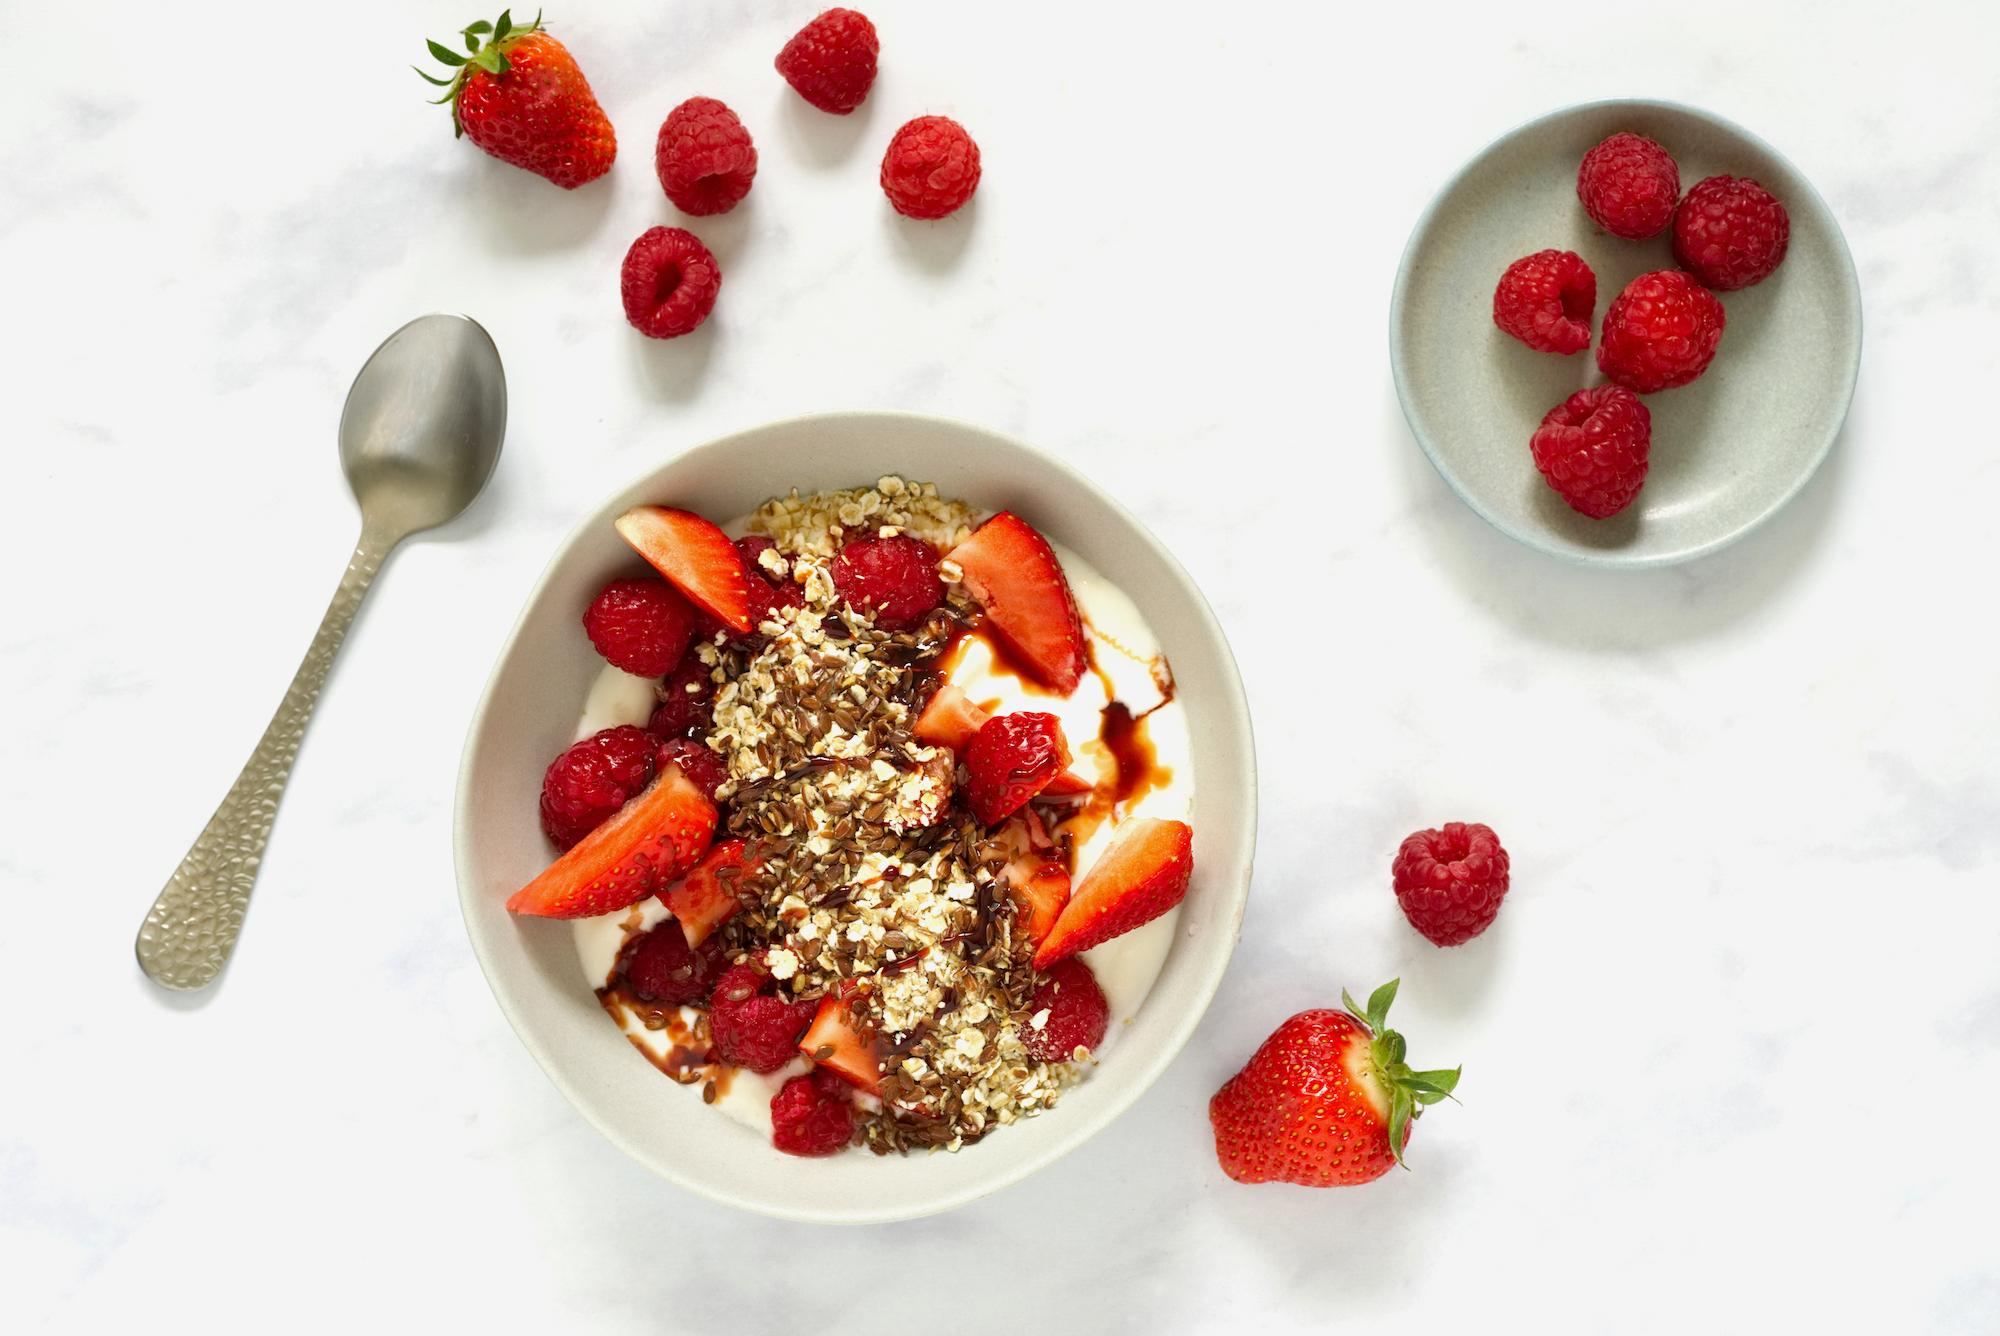 gesund frühstücken mit Haferflocken